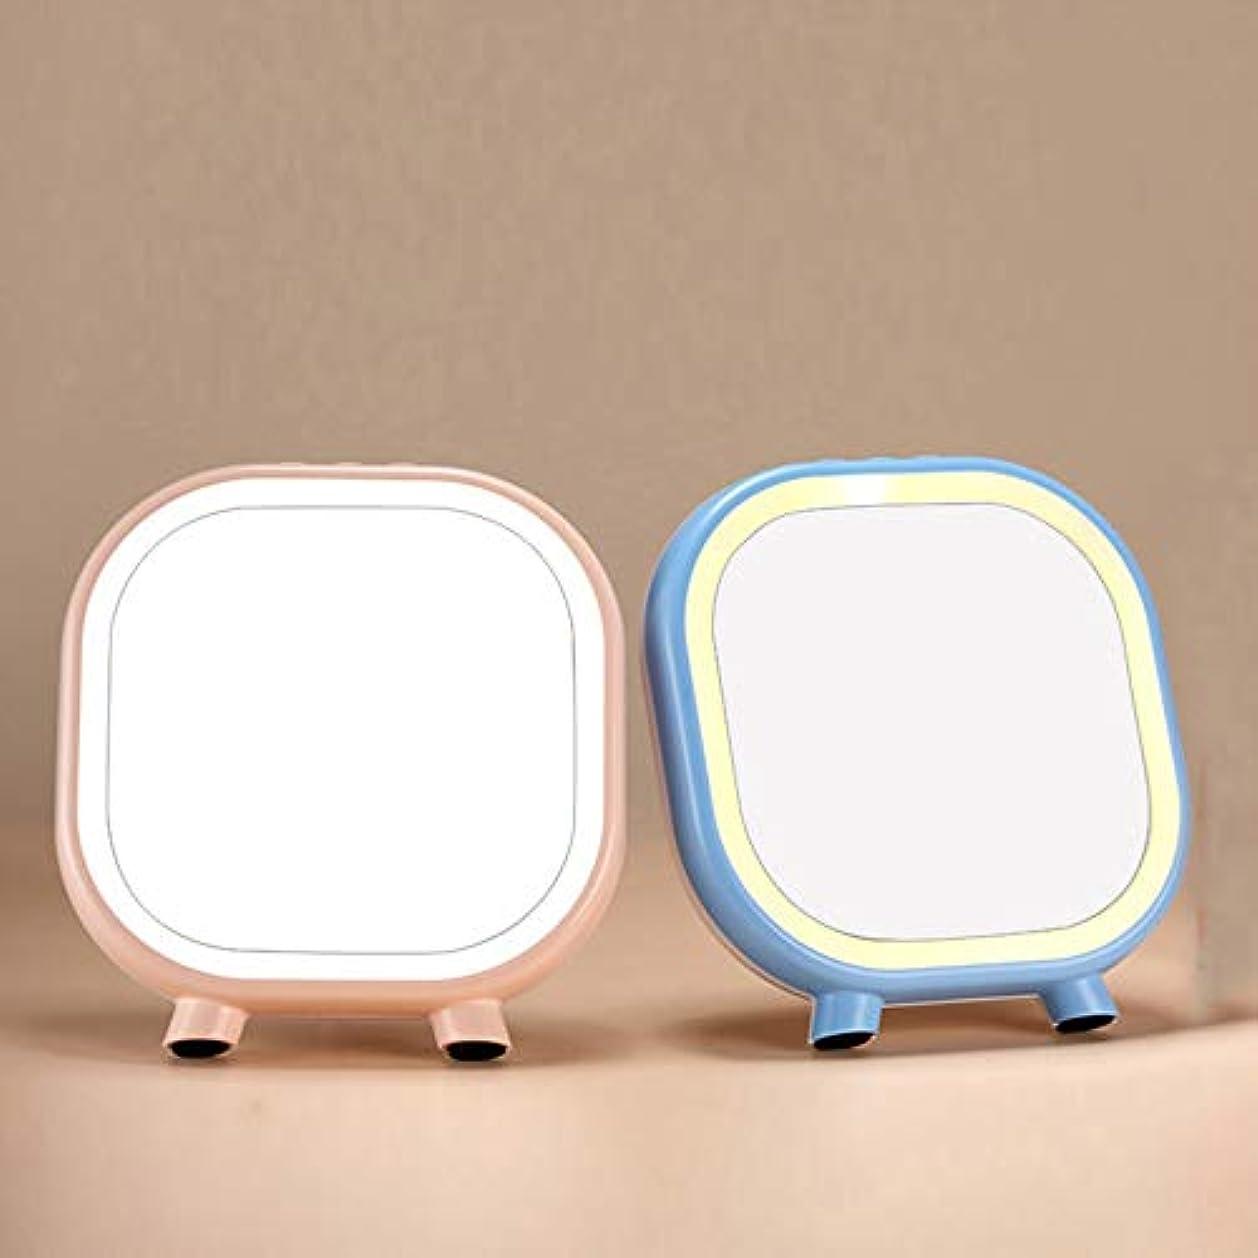 登る狂う資料流行の クリエイティブ新しいLED照明ブルートゥーススピーカー美容ミラー化粧鏡化粧鏡ABS材料2ブルーブルー (色 : Pink)